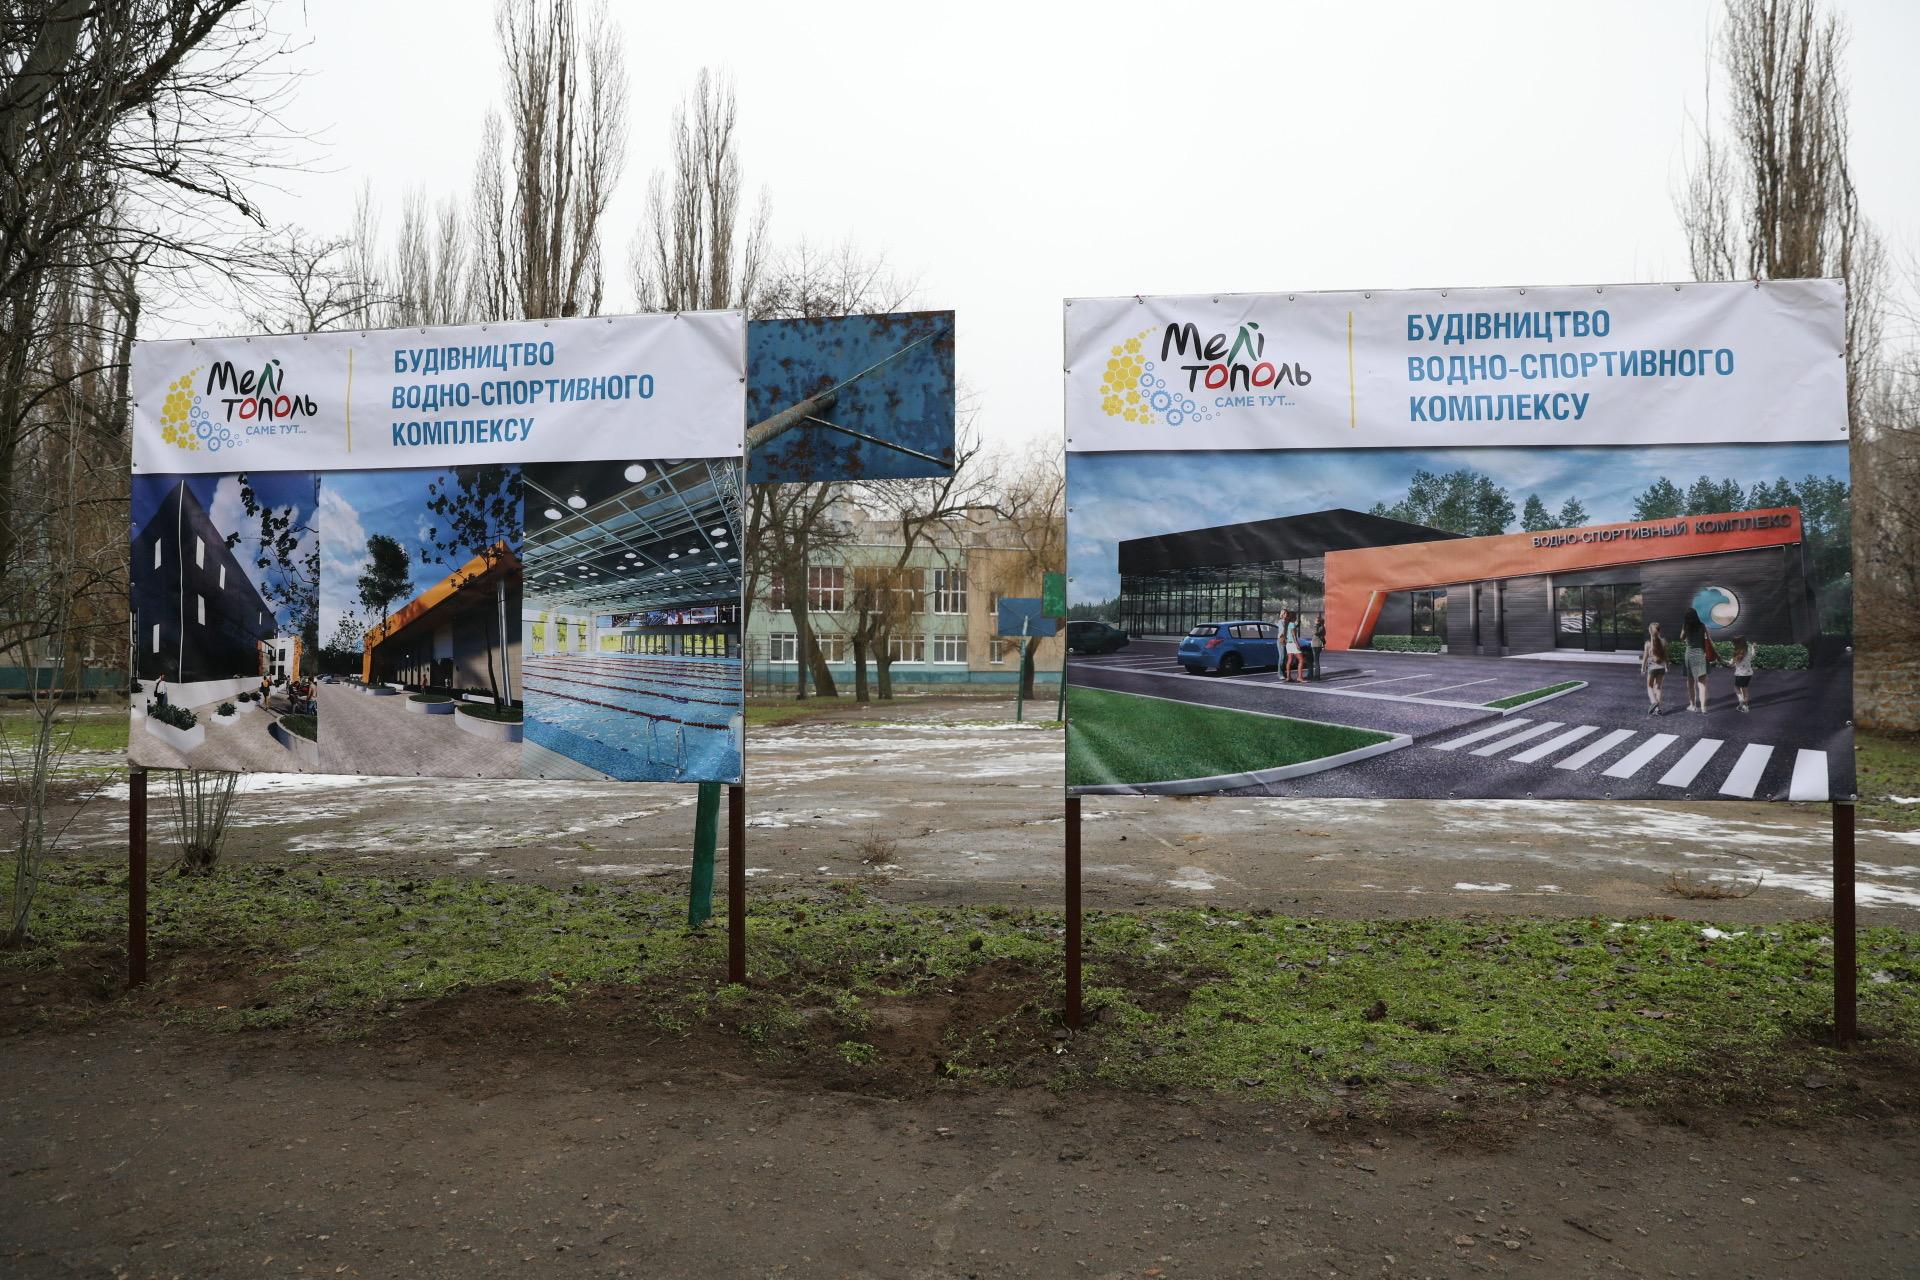 В Мелитополе построят водноспортивный комплекс: стоимость проекта составит почти 80 миллионов - ФОТО